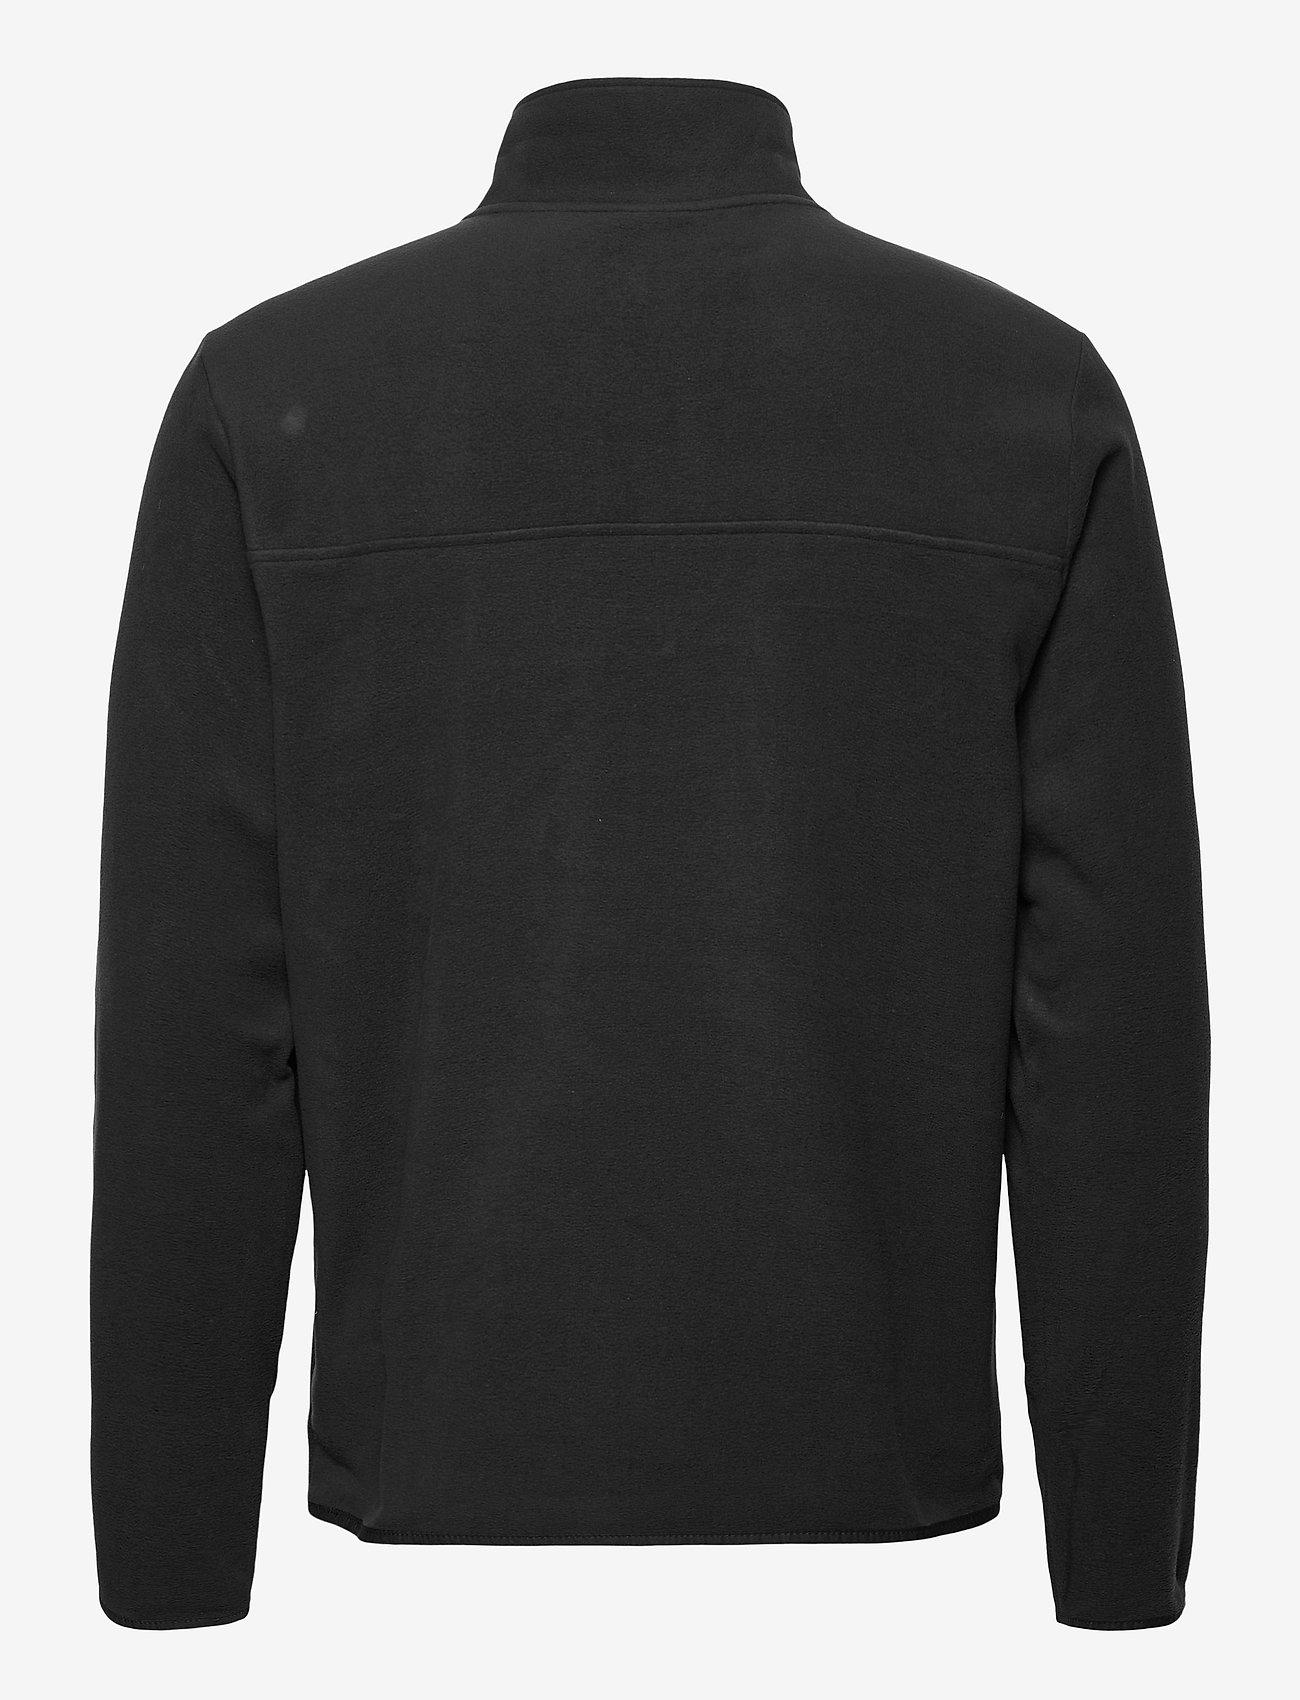 The North Face - M TKAGLCR SNPNK PO - sweats basiques - tnf black-tnf black - 1